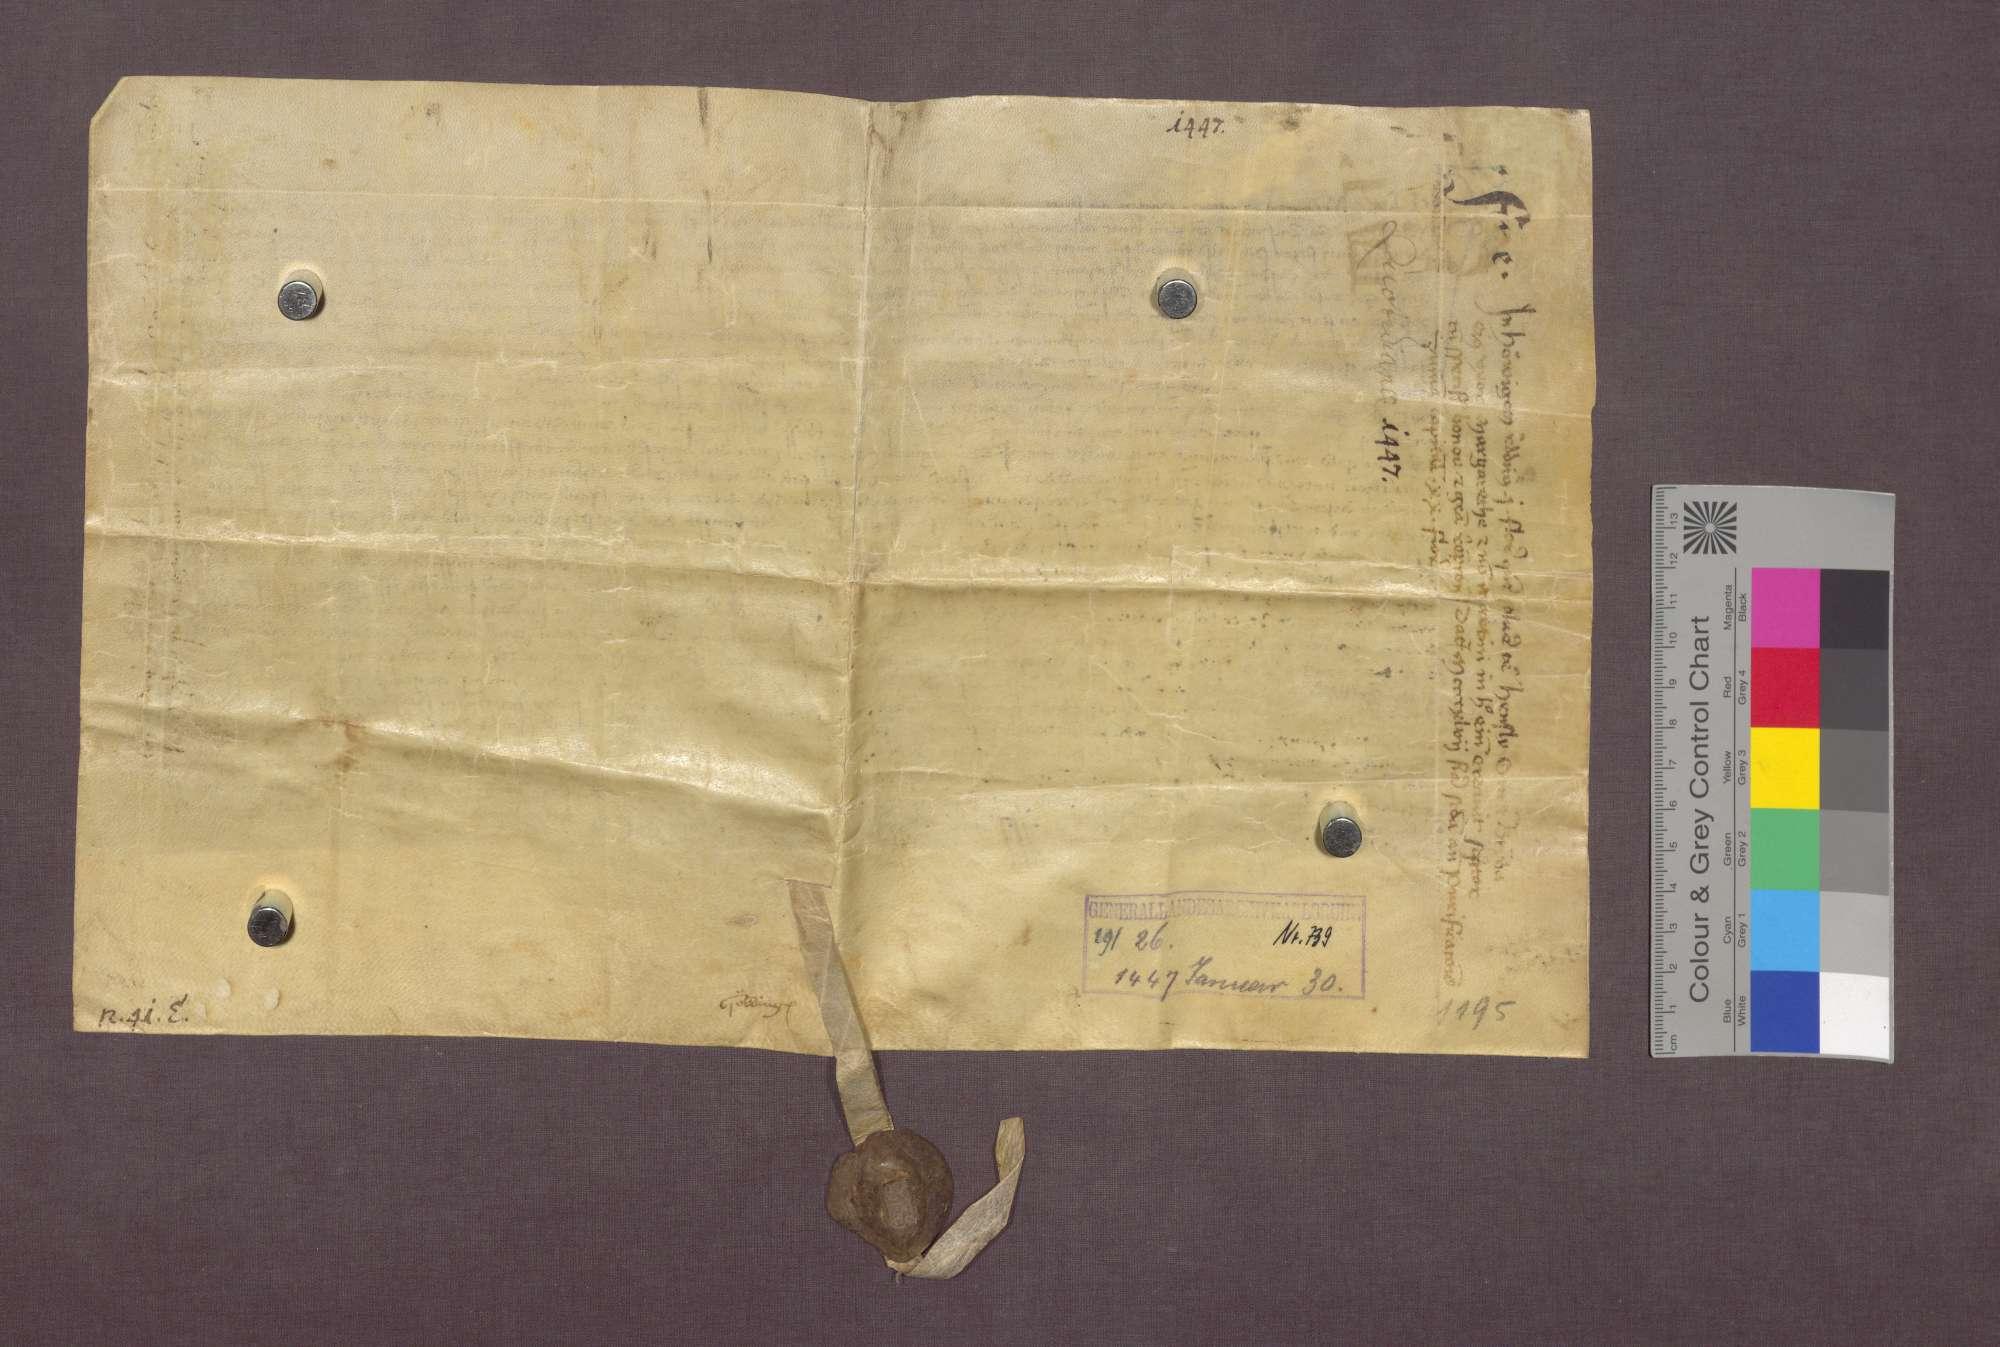 Gültverschreibung des Henslin Om von Hauingen und seiner Frau gegenüber dem Domkapitel zu Basel., Bild 2